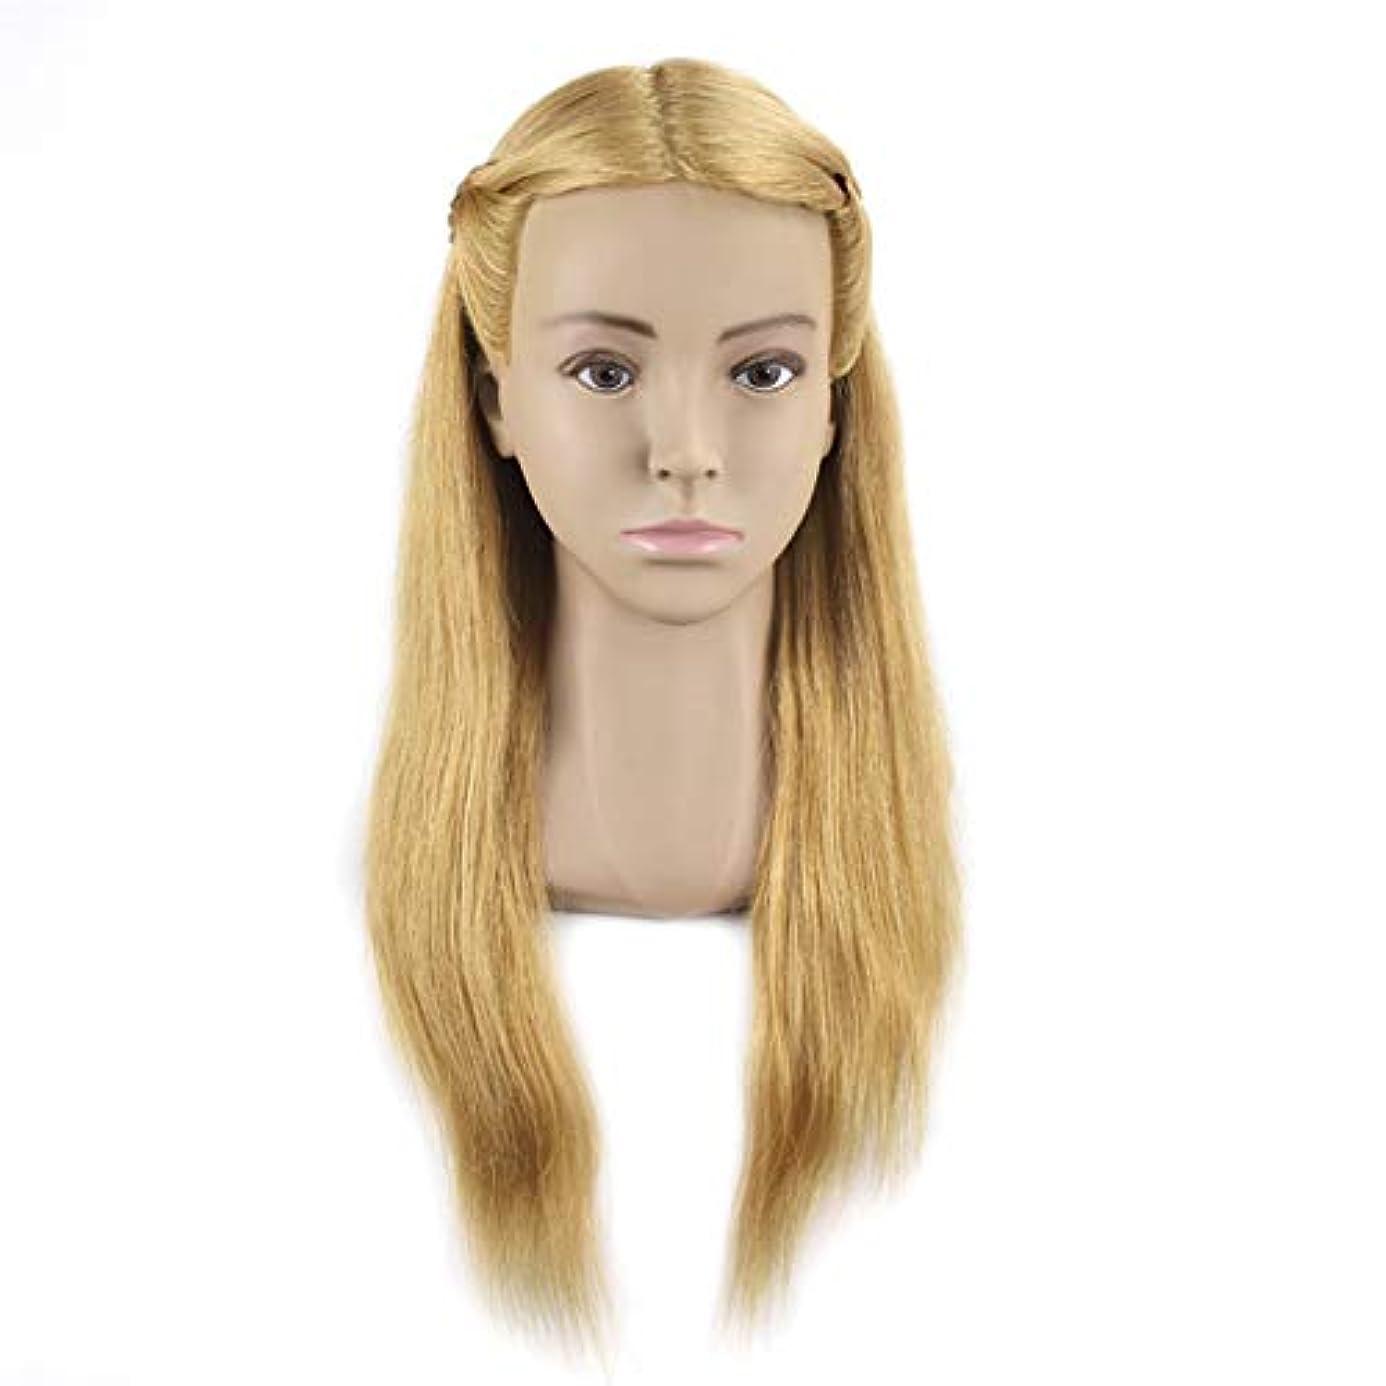 ギャップモールス信号要旨完全な人毛ヘアスタイリングモデルヘッド女性モデルヘッドティーチングヘッド理髪店編組髪染め学習ダミーヘッド